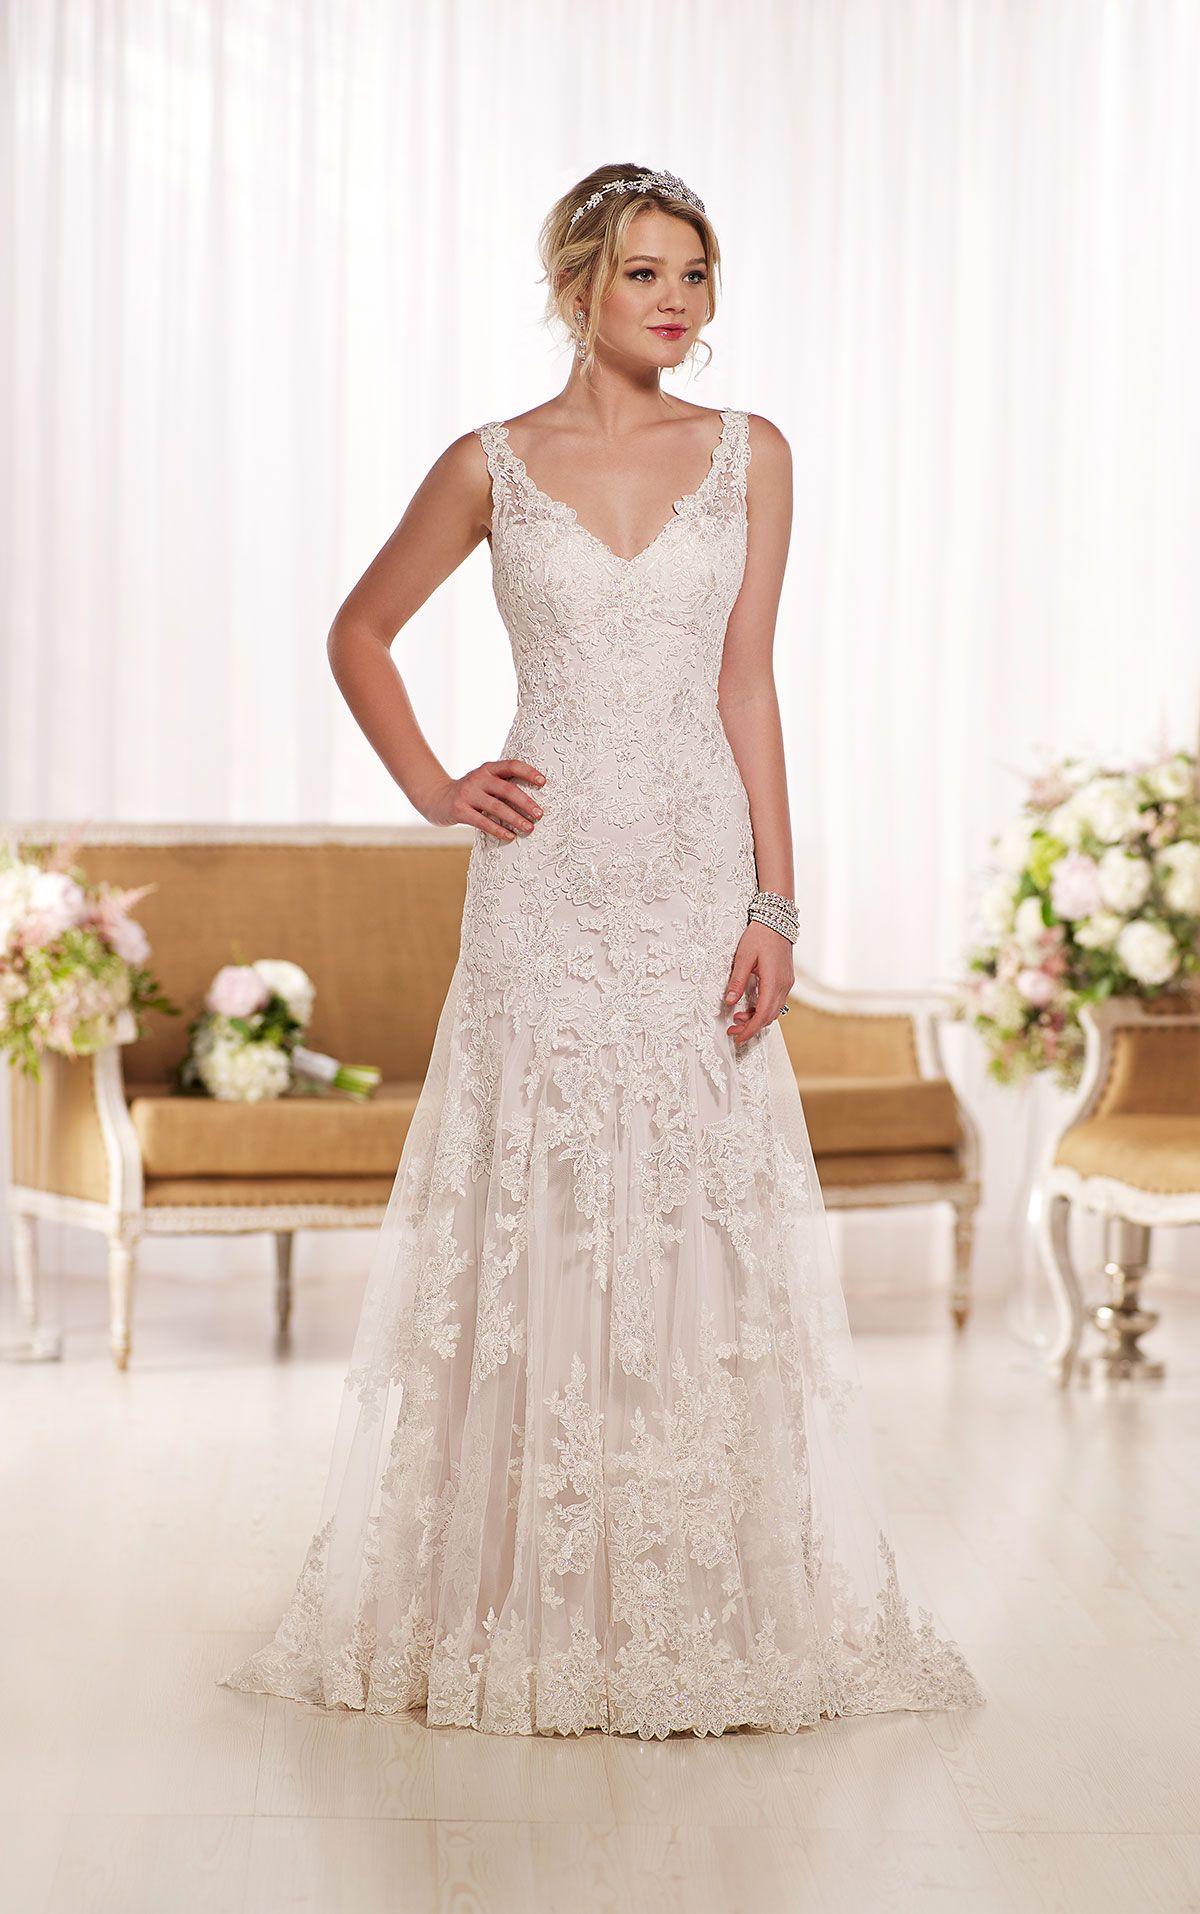 Mermaid Wedding Dress by | Hochzeit, Röcke und Kleid Hochzeit